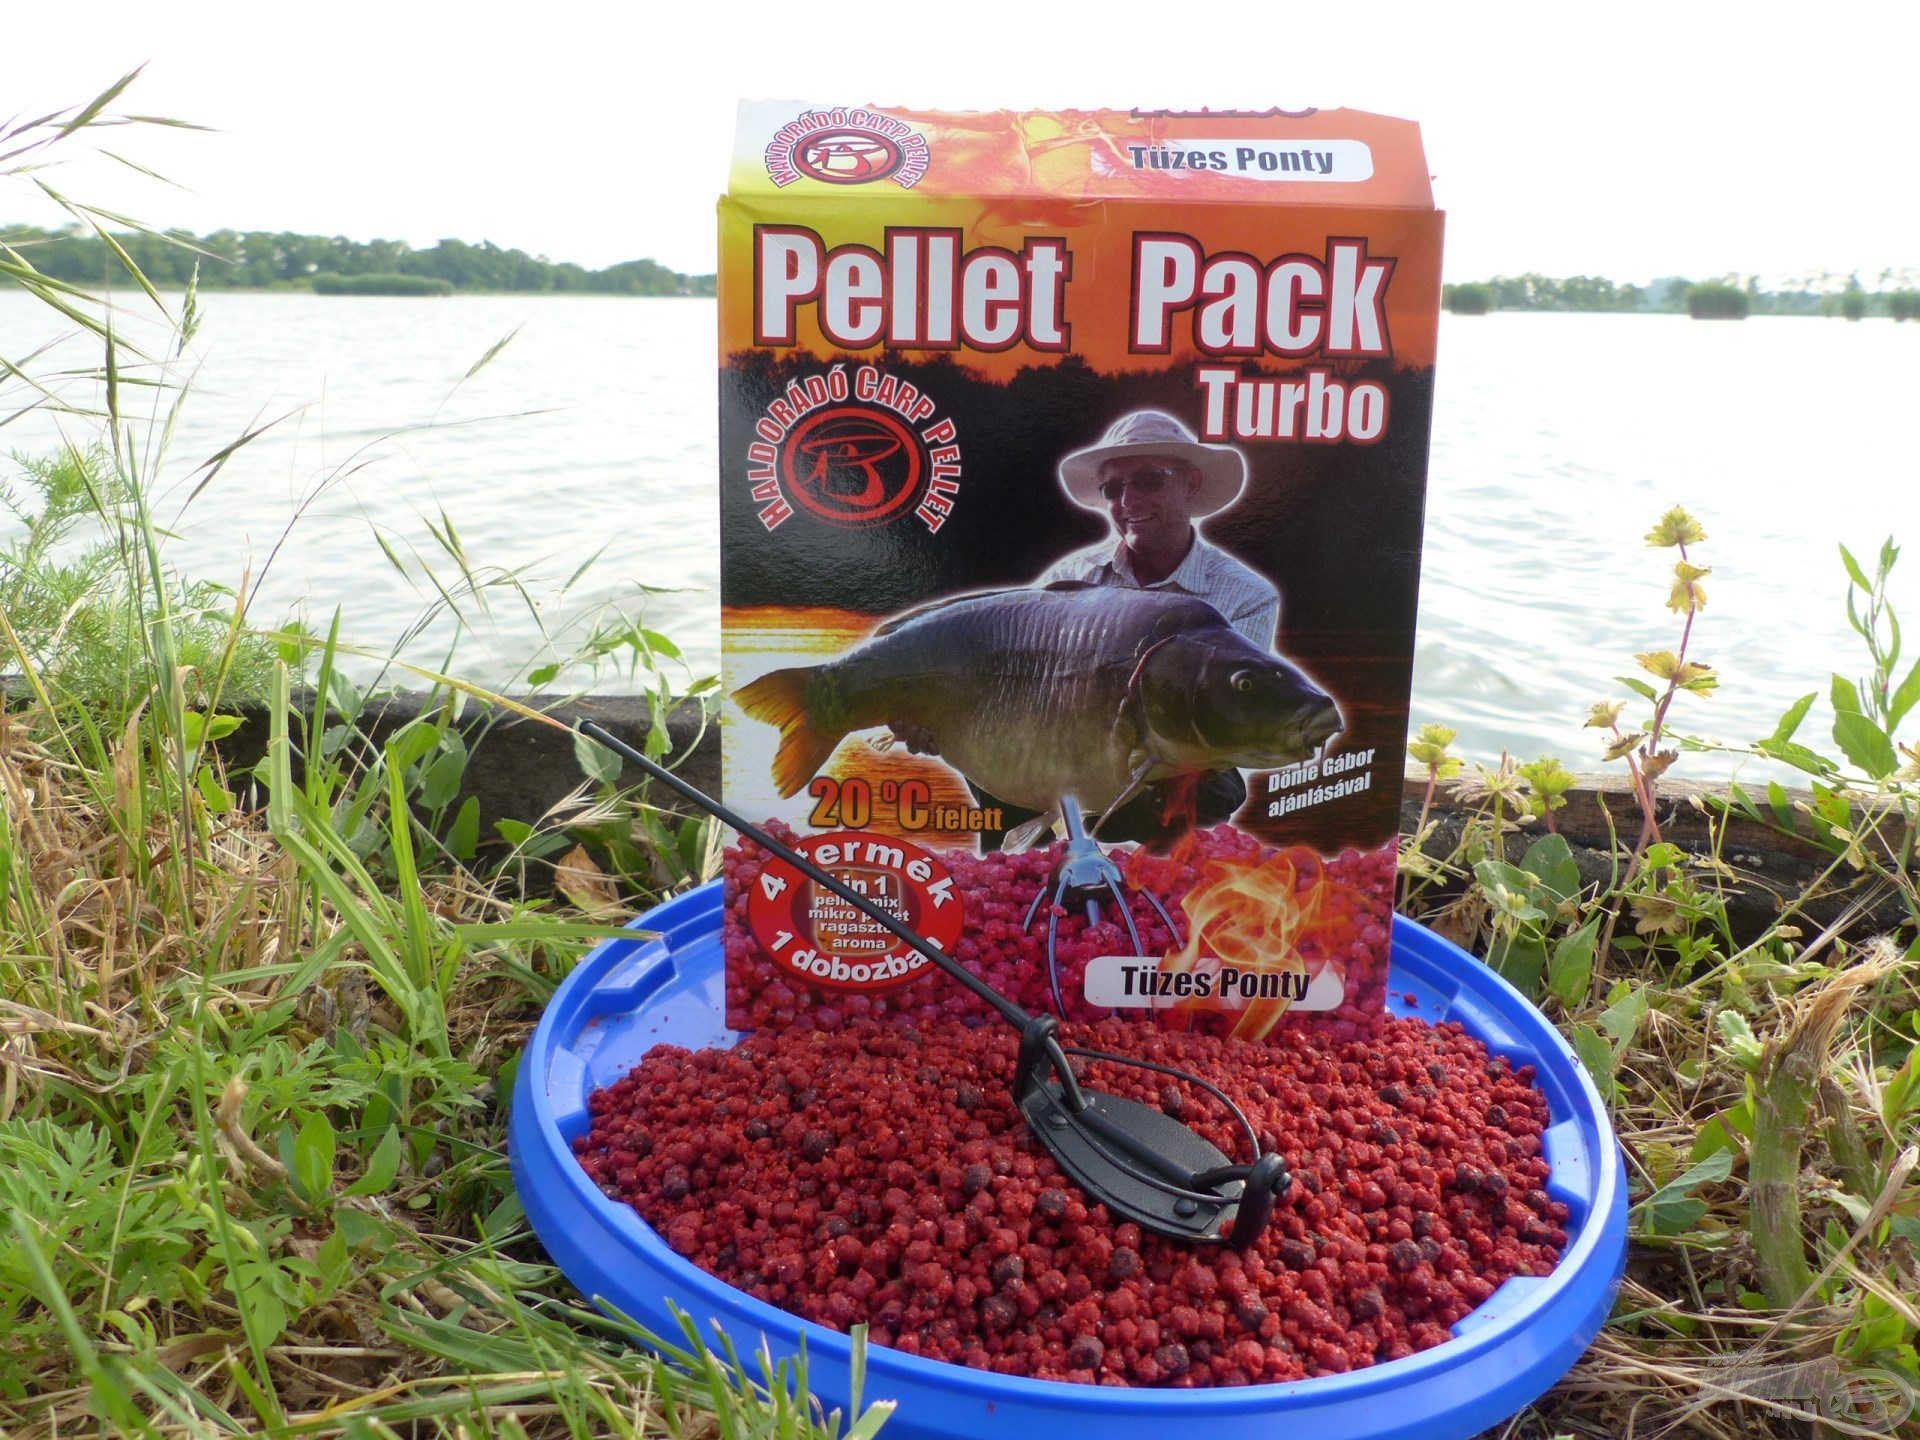 """A Pellet Pack Turbo Tüzes Ponty egy igazi nagy hal """"mágnes"""" a felmelegedett vizekben. Tökéletesen illik a Method Flat Feeder kosarakhoz"""